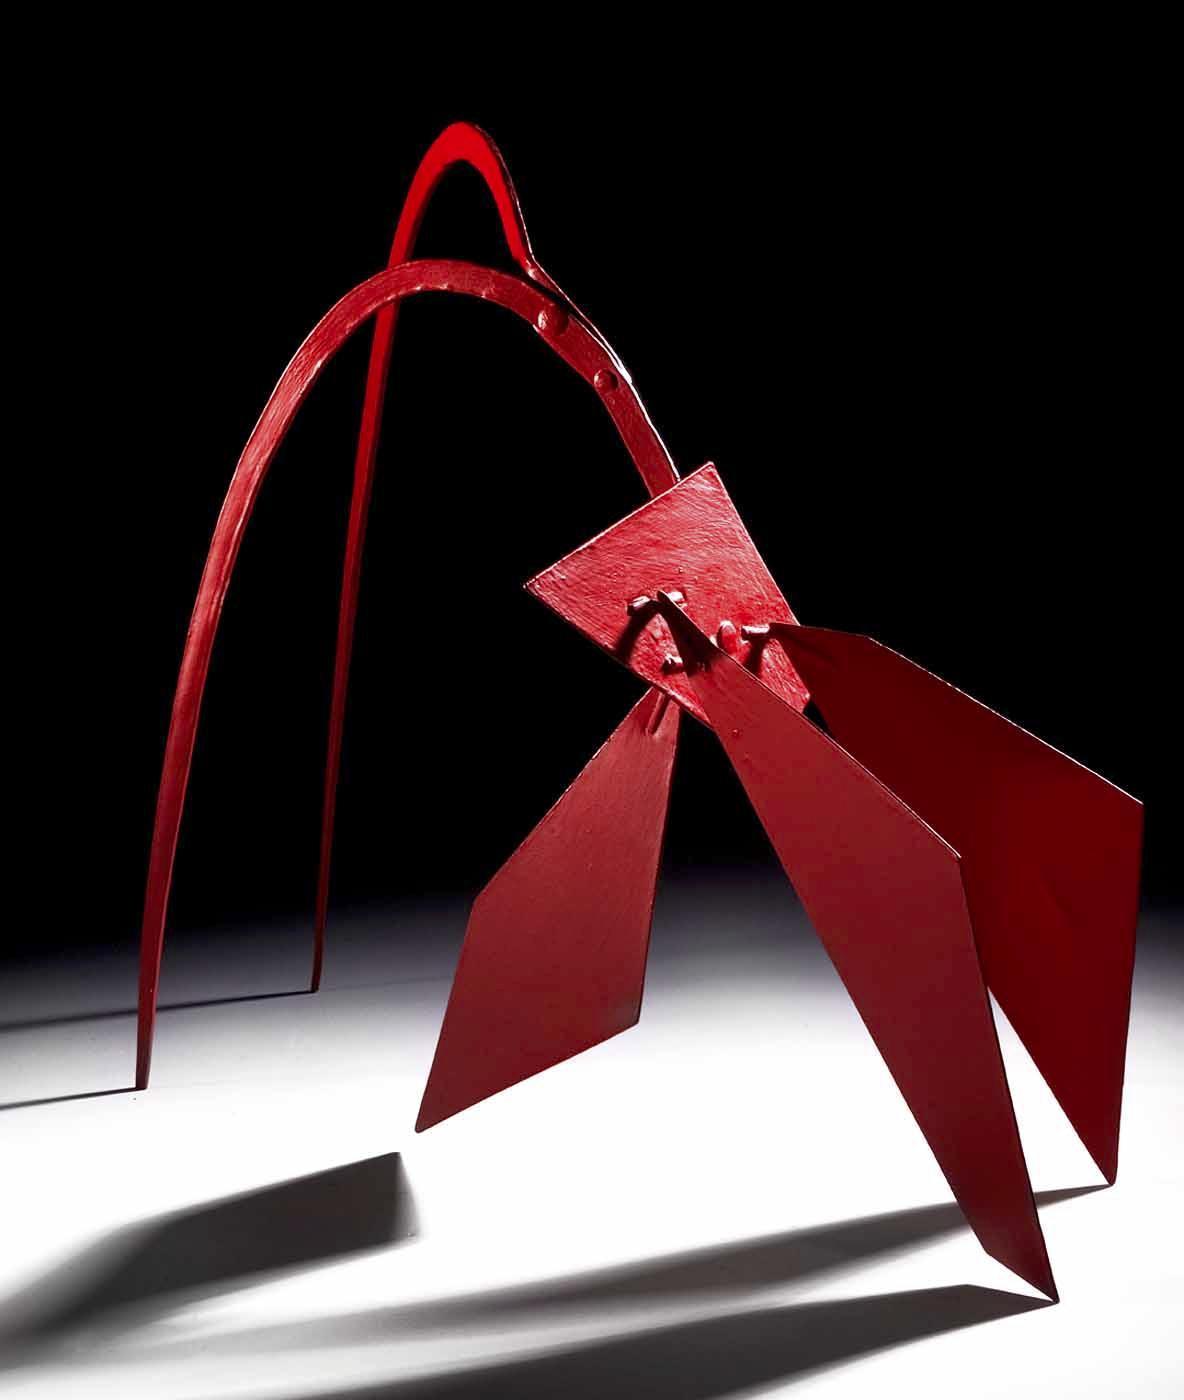 Maquette for Flamingo  - Alexander Calder